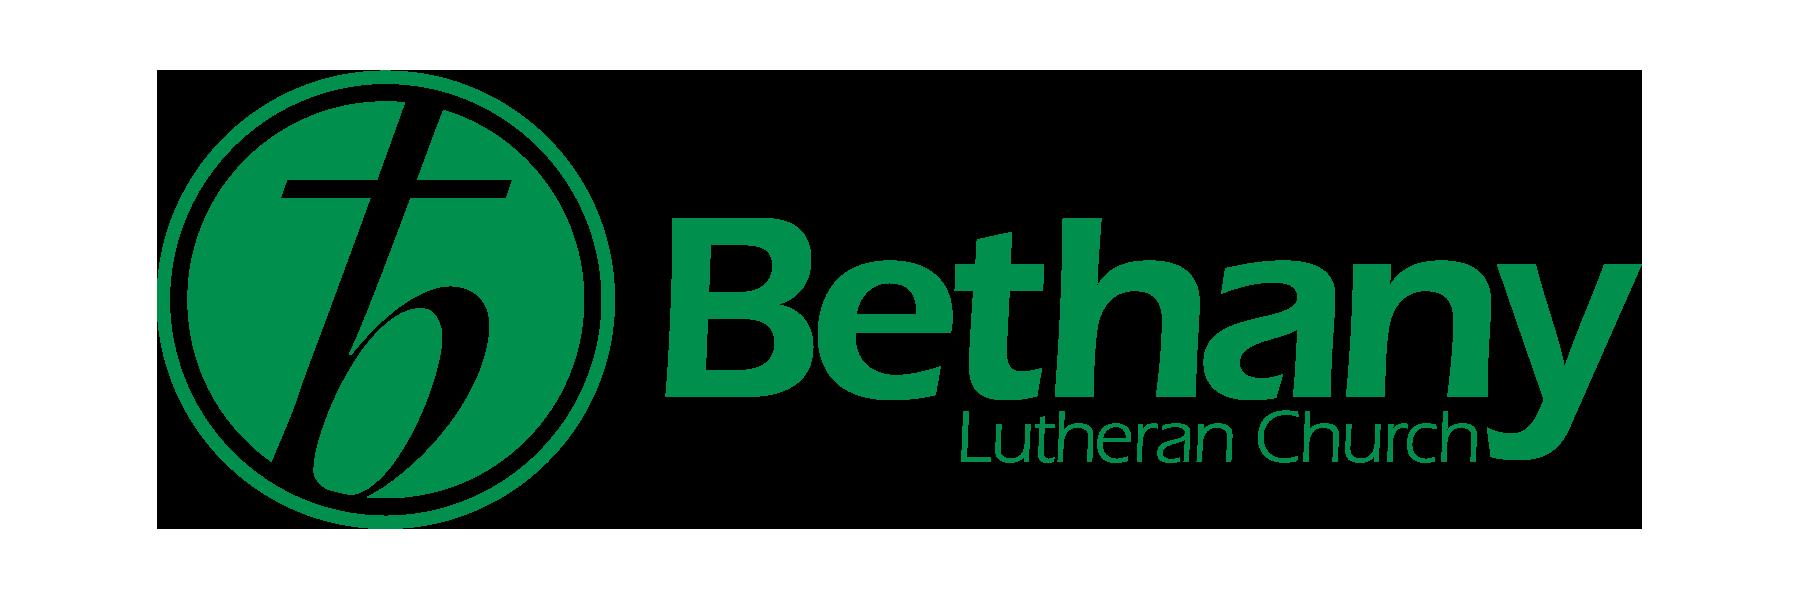 Bethany logo green